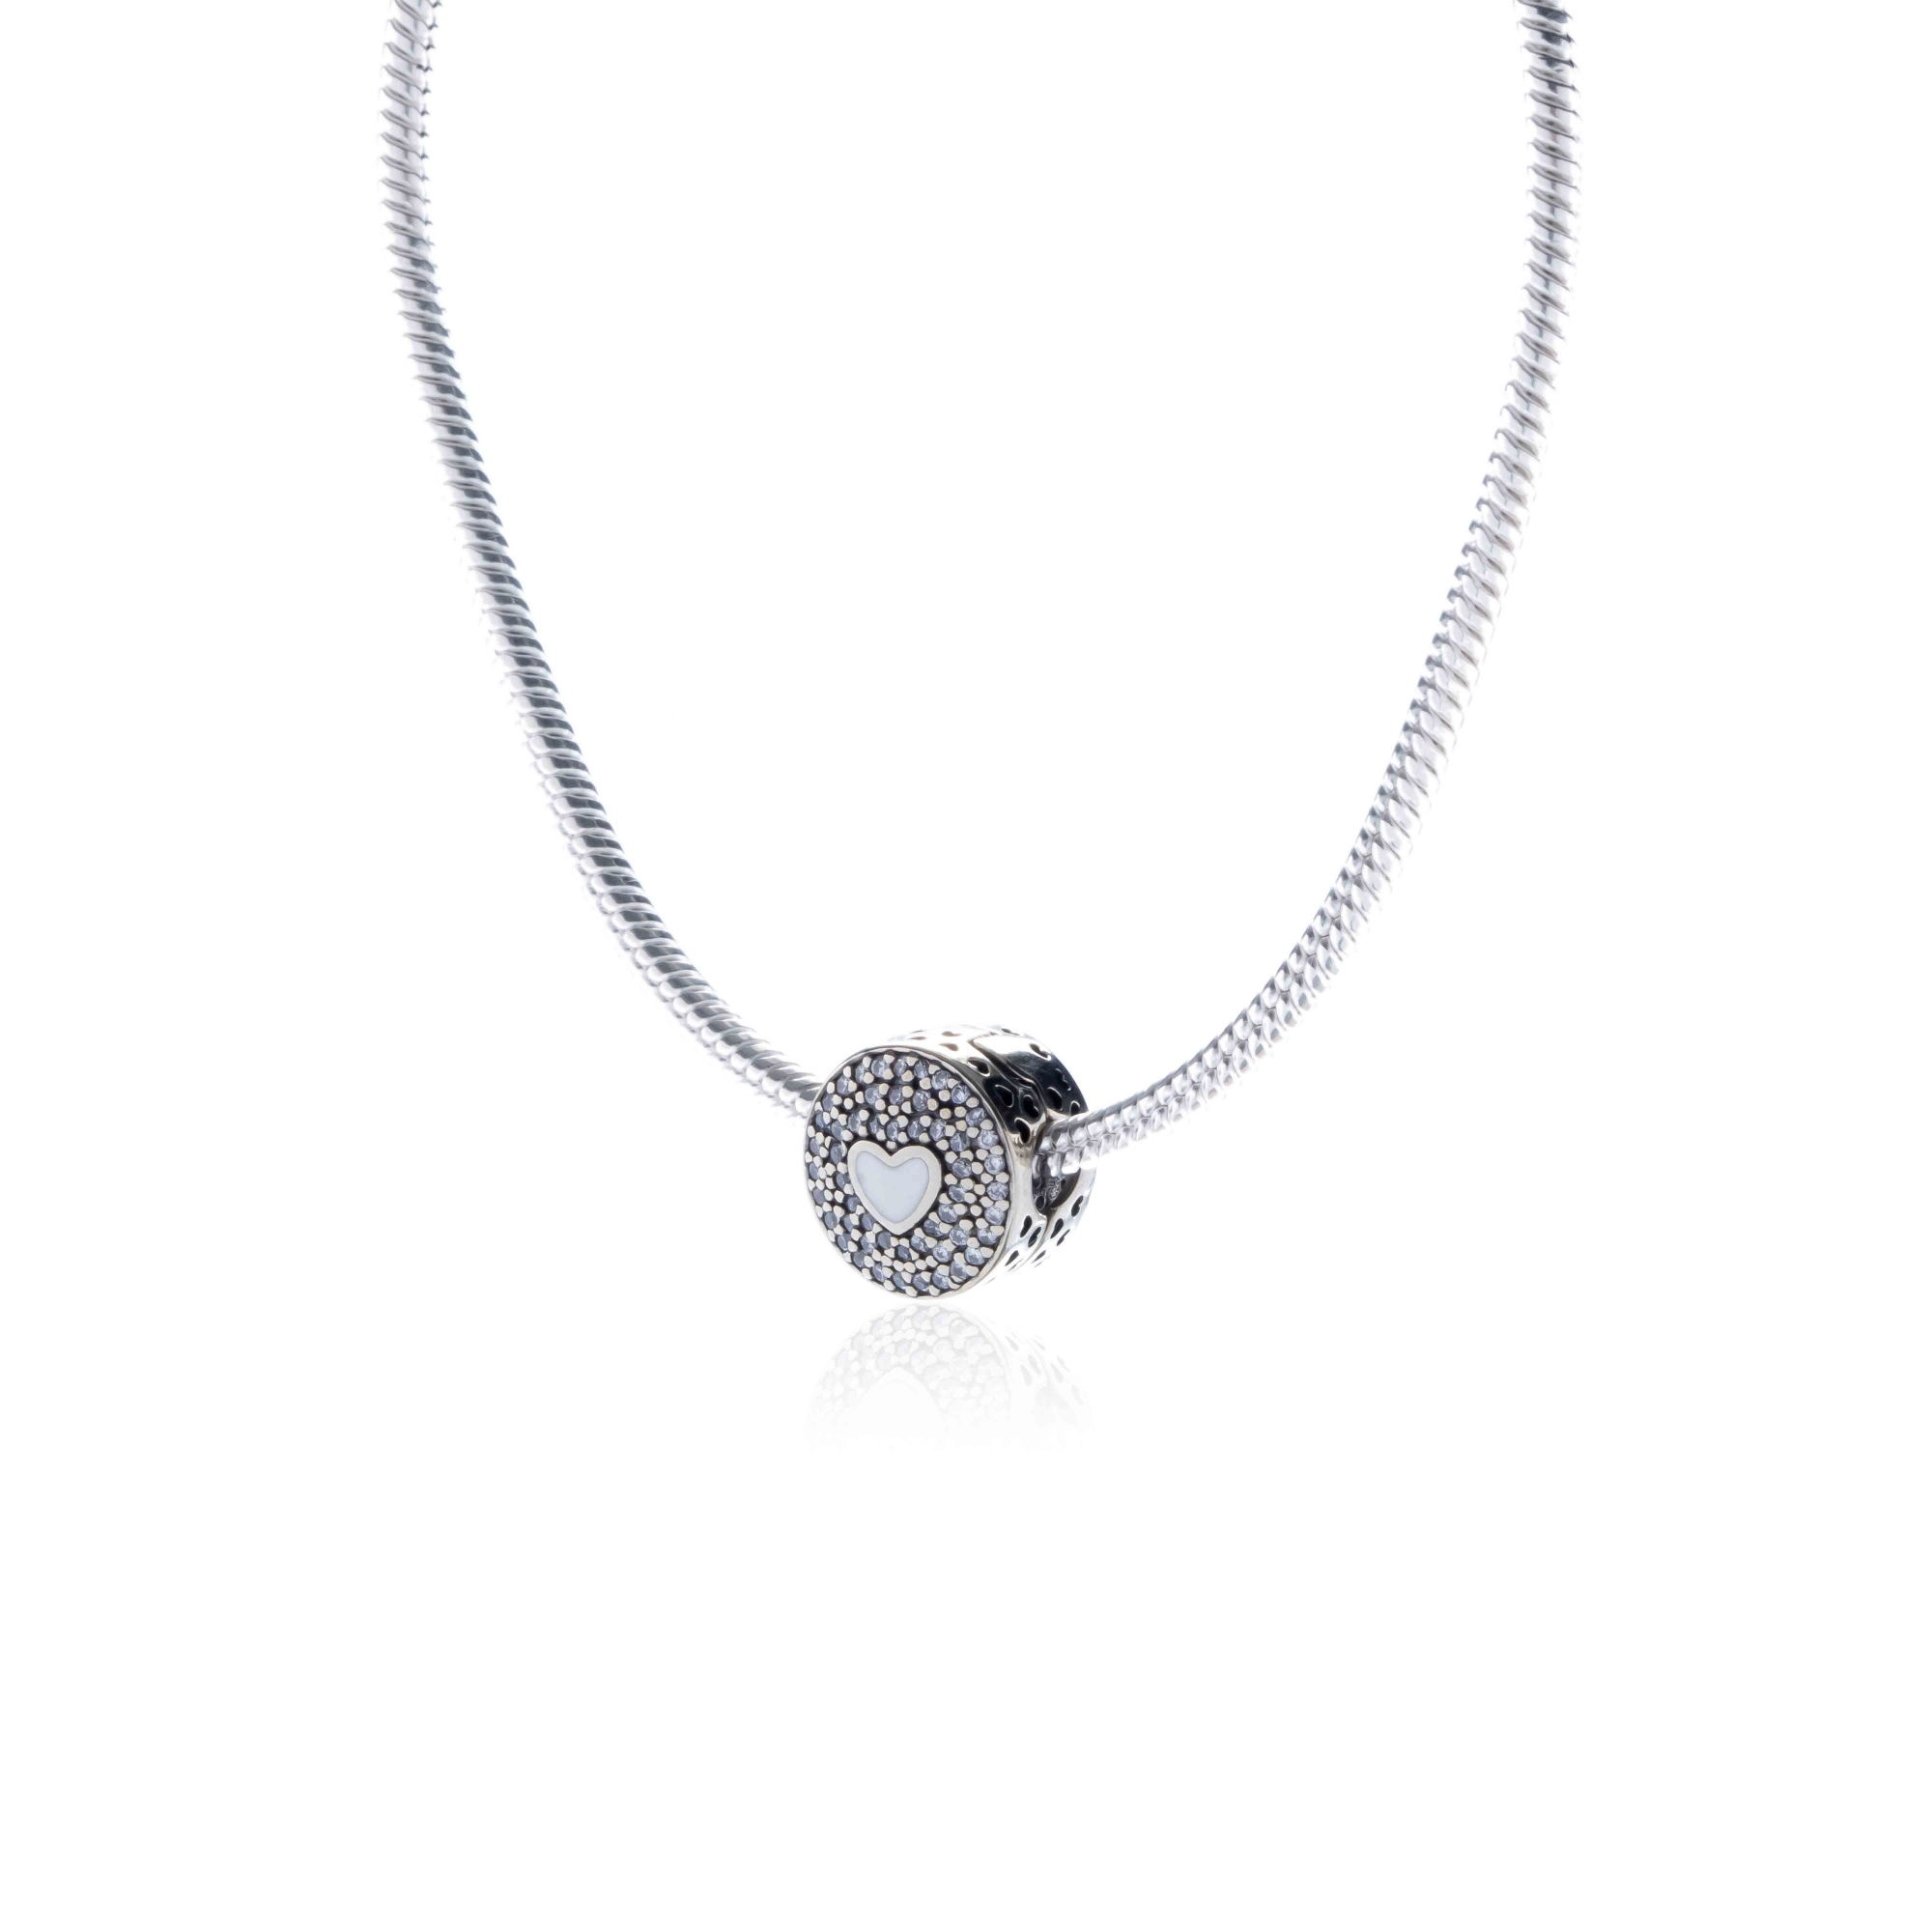 Berloque Coração com Resina Branca e Zircônias em Prata 925